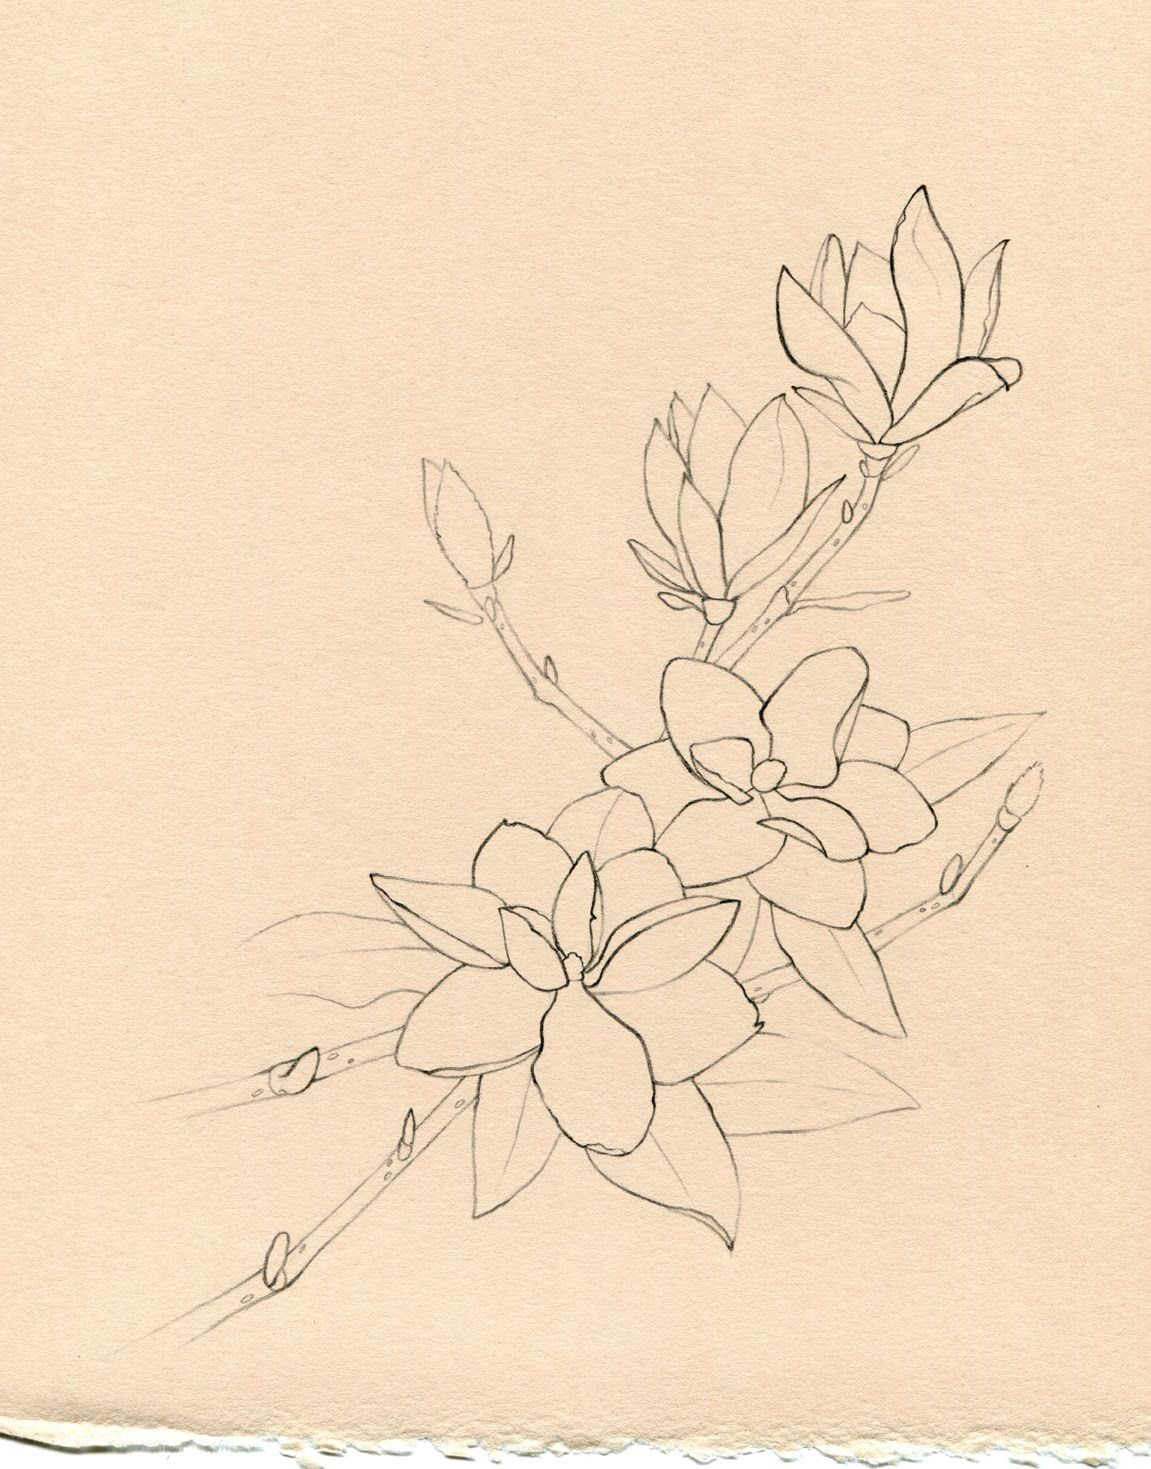 1151x1469 Magnolia Tree Tattoo Pin Magnolia Tree Tattoo Meaning